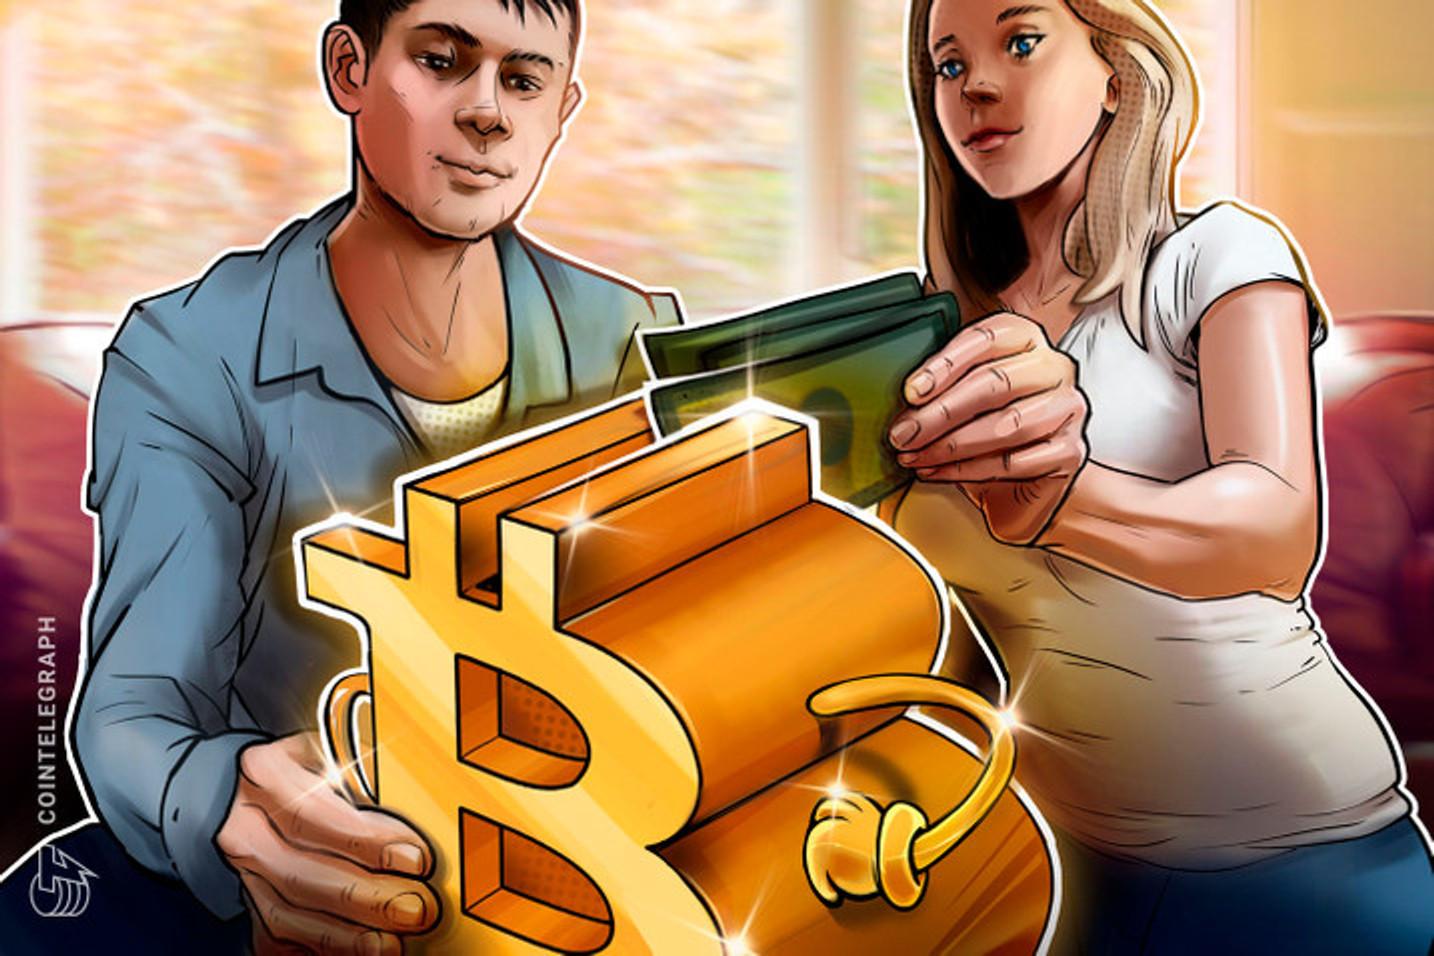 Esposa pensou em pedir divórcio depois de marido 'cair no culto do Bitcoin'